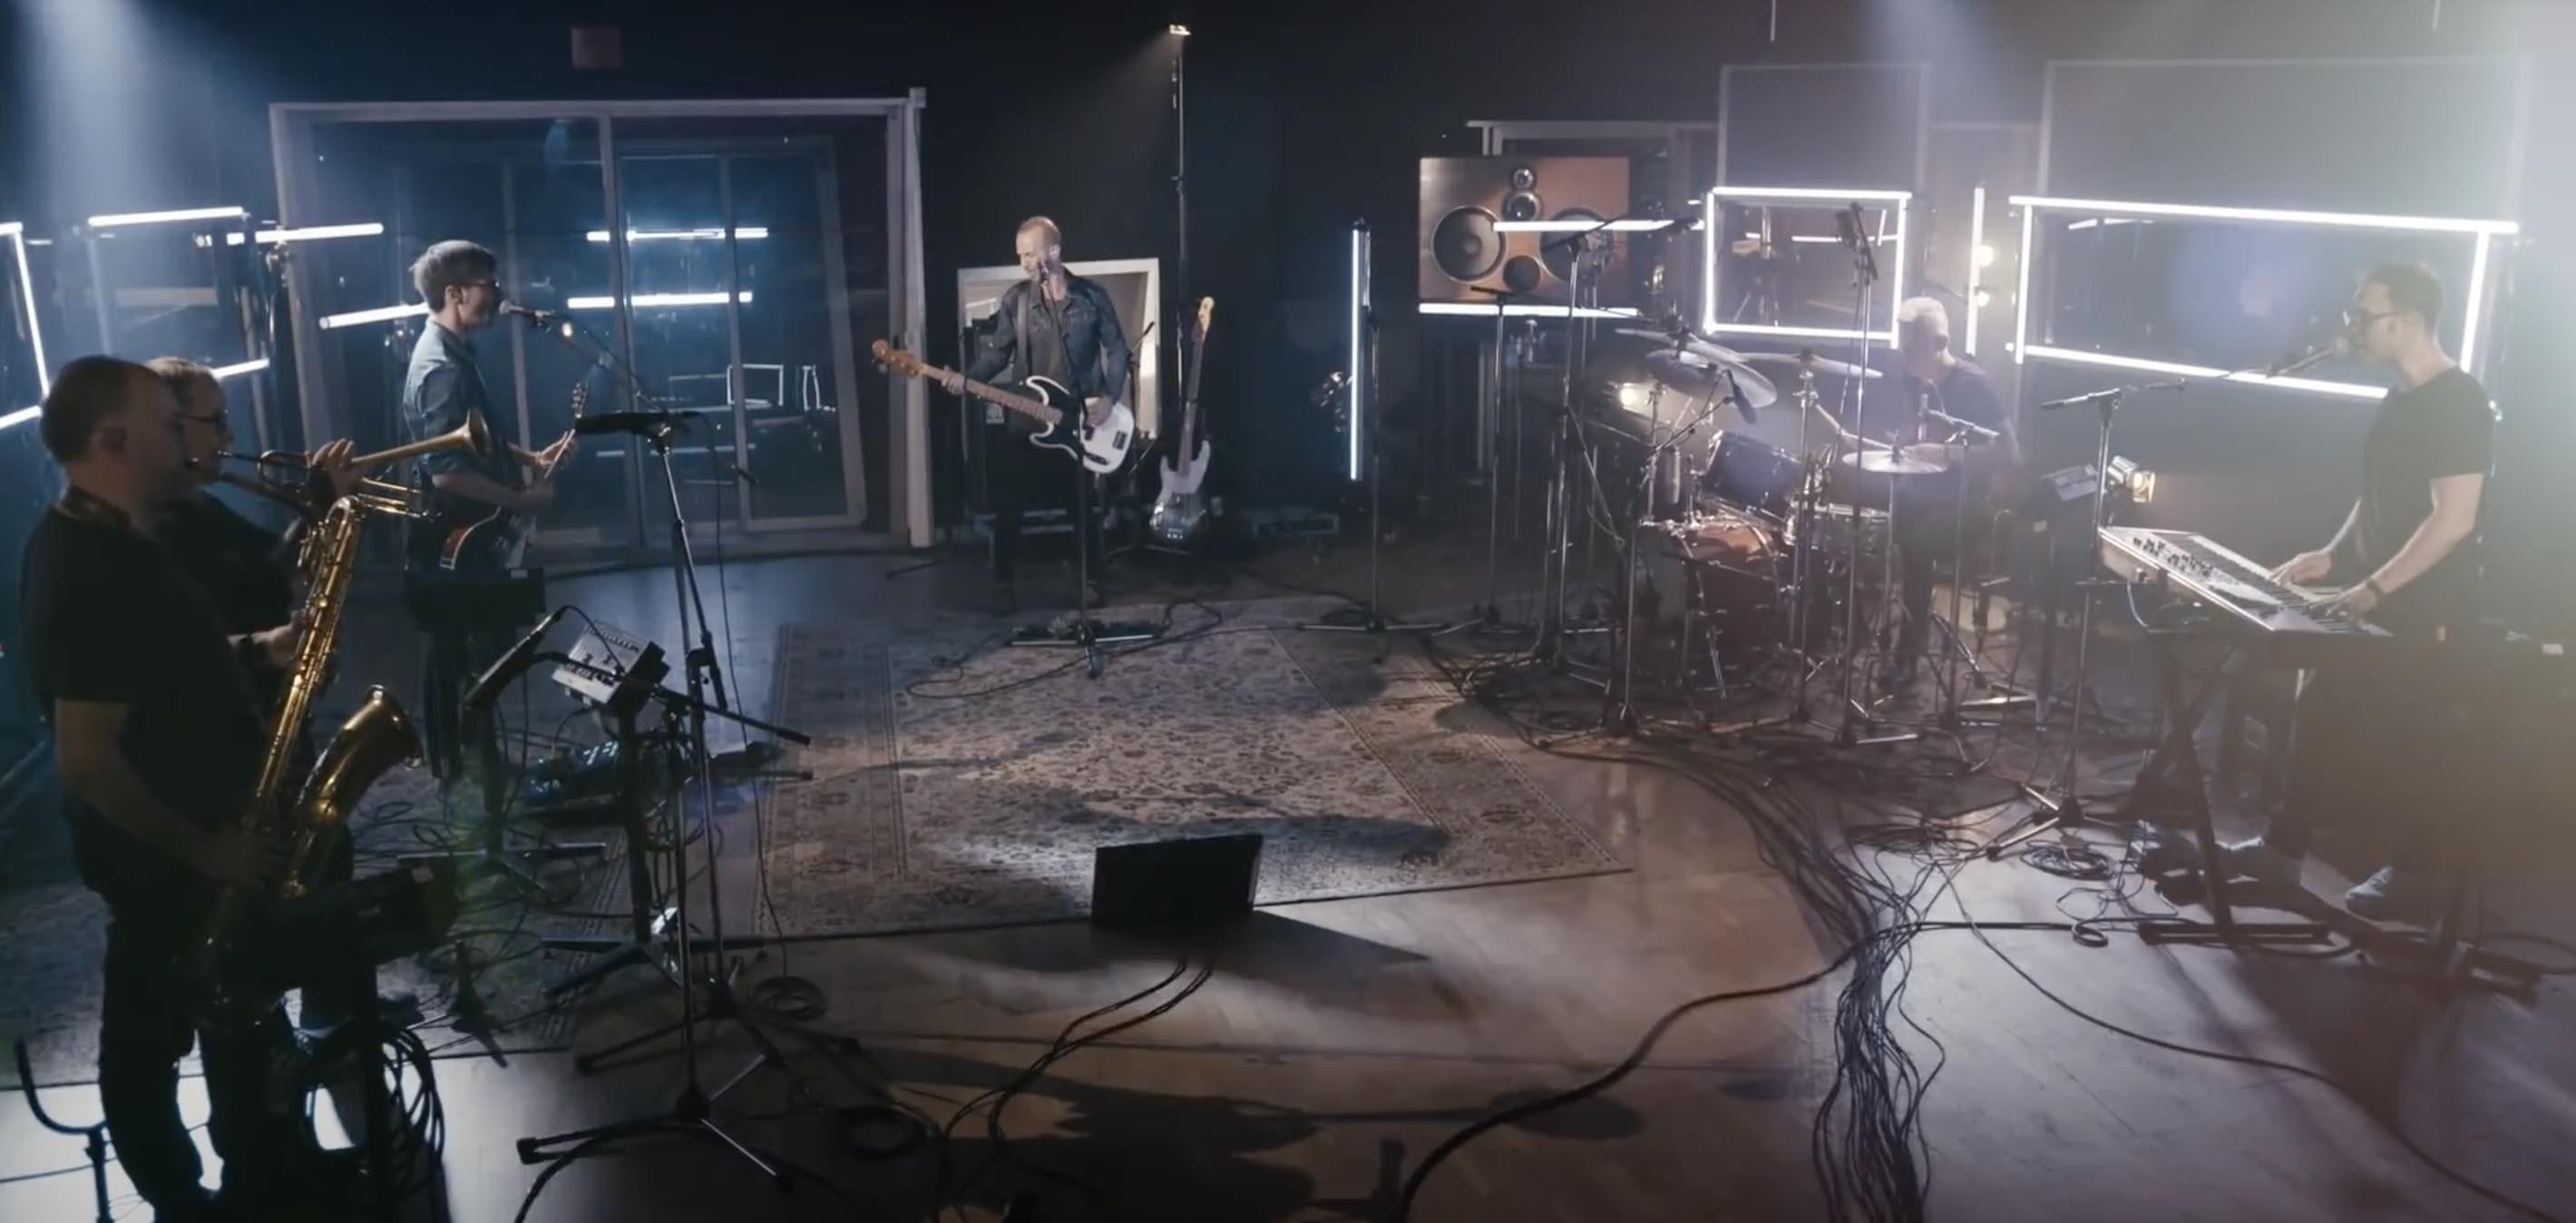 Calogero - La rumeur